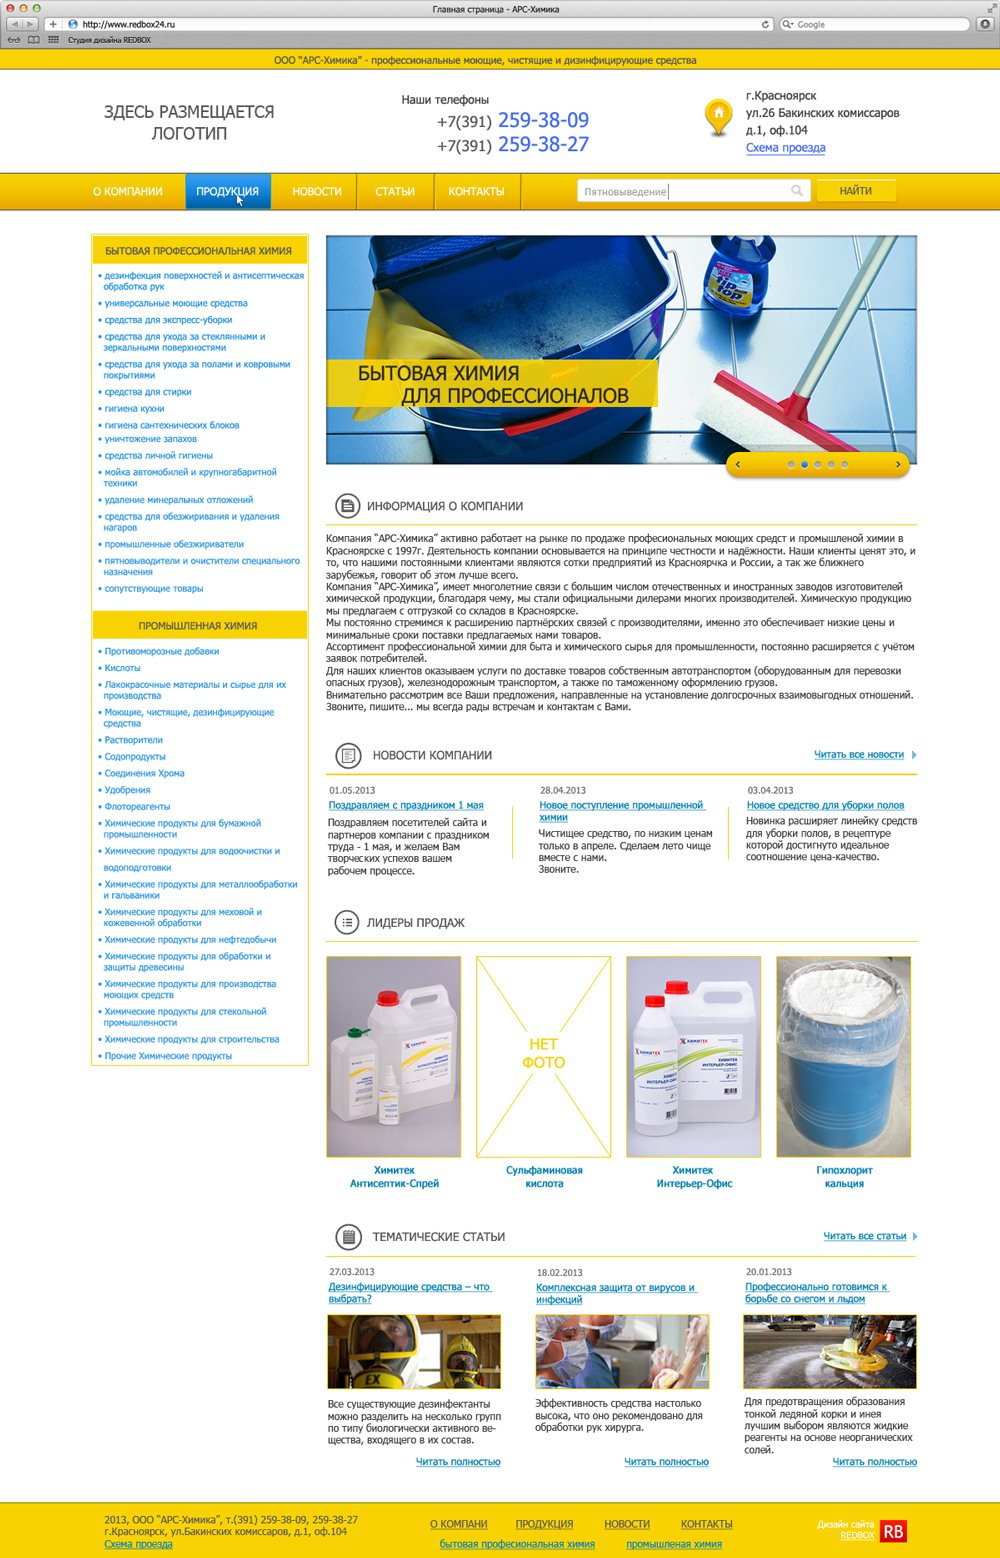 Каталог товаров сайта по продаже чистящих средств